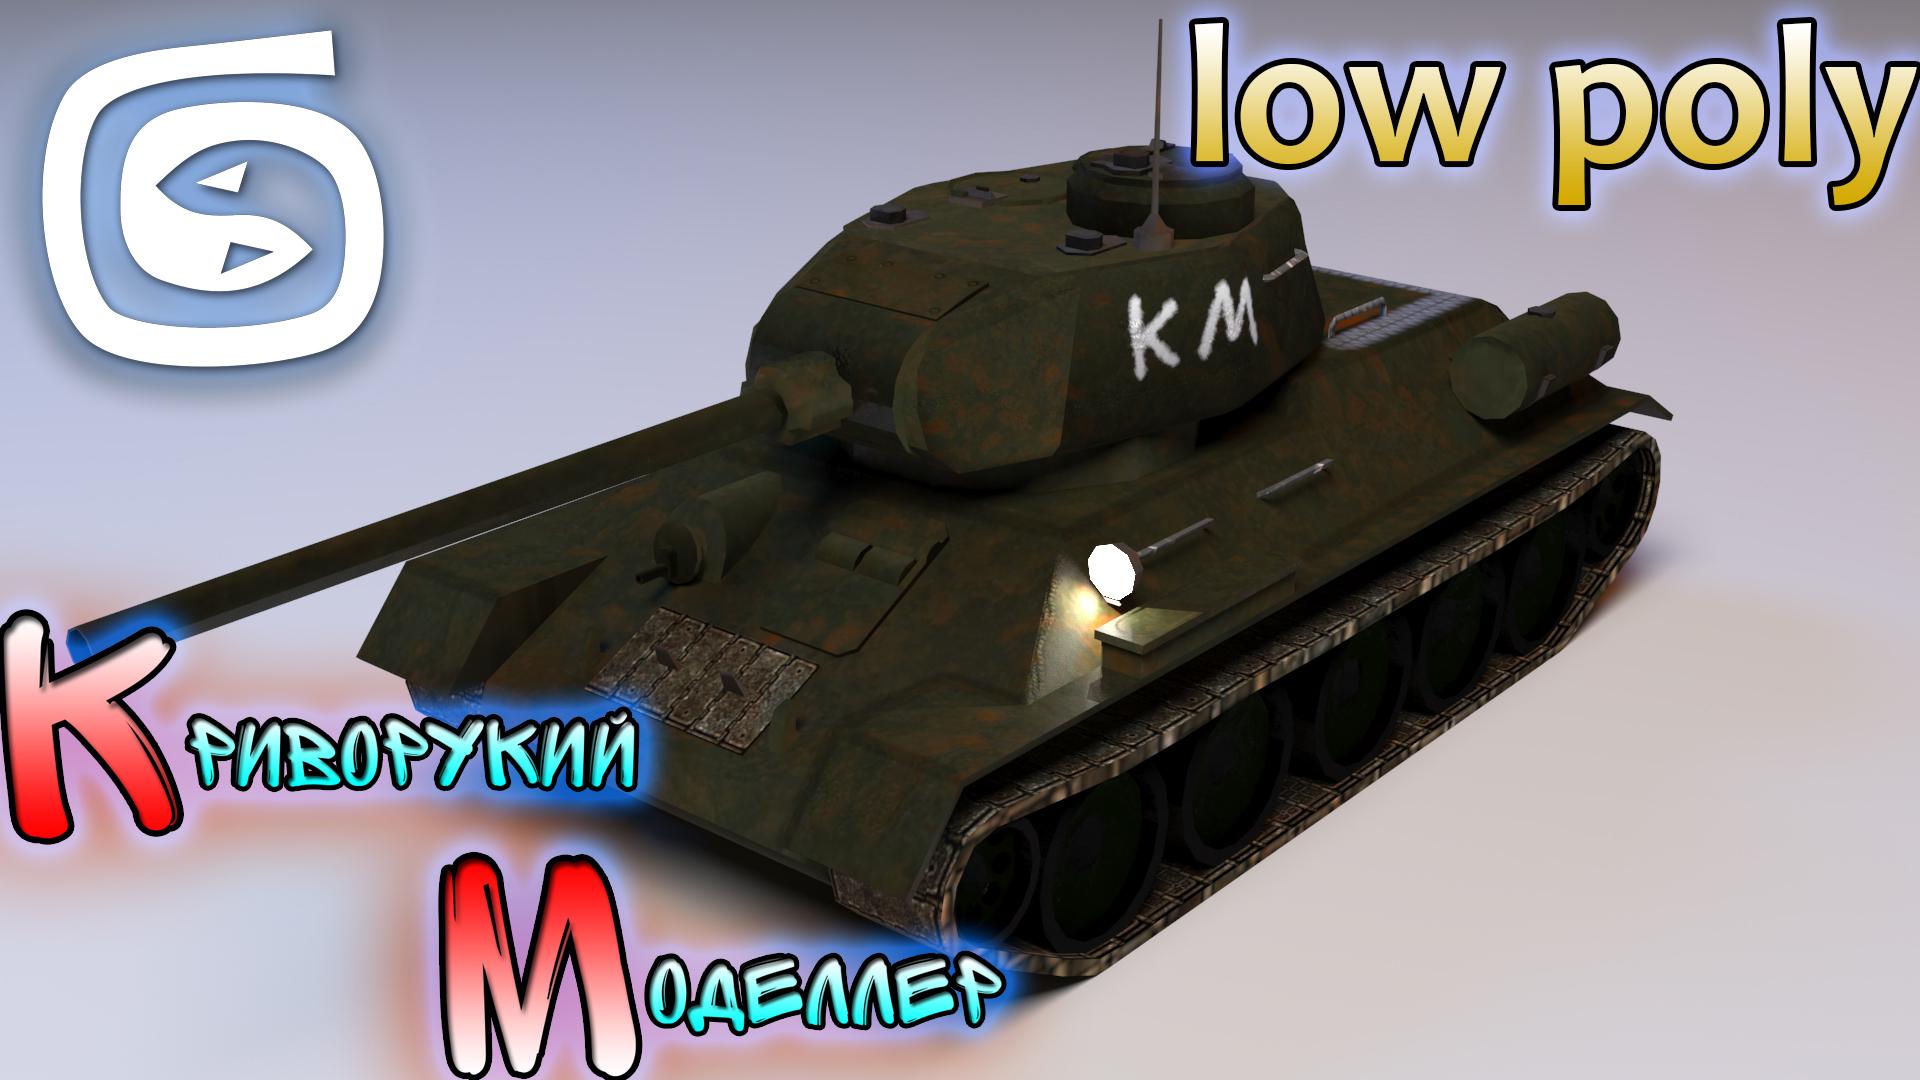 Моделирование танка (Урок 3d max, рукозадый способ) low poly / Персональный блог Криворукого моделлера